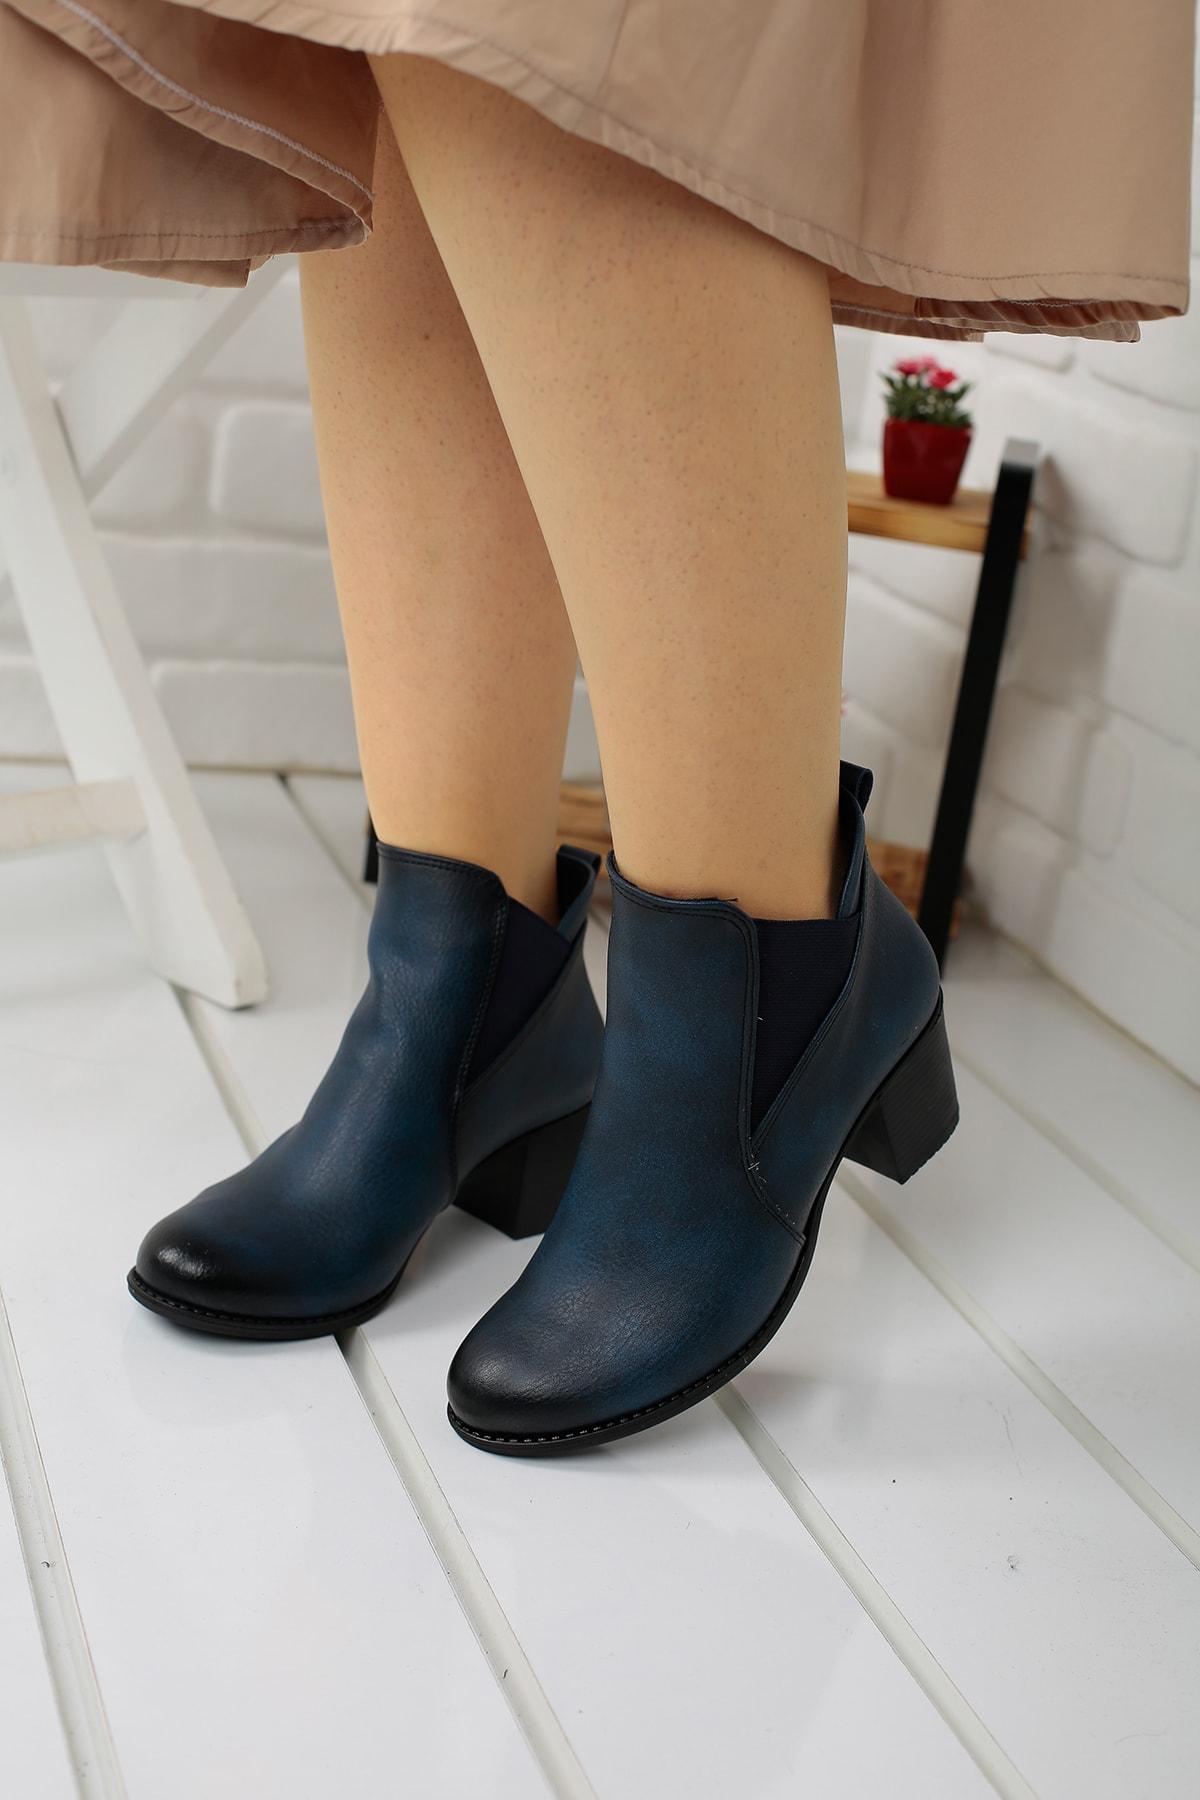 Ayakland 8422-833 Lacivert Cilt Kadın Bot Ayakkabı 1